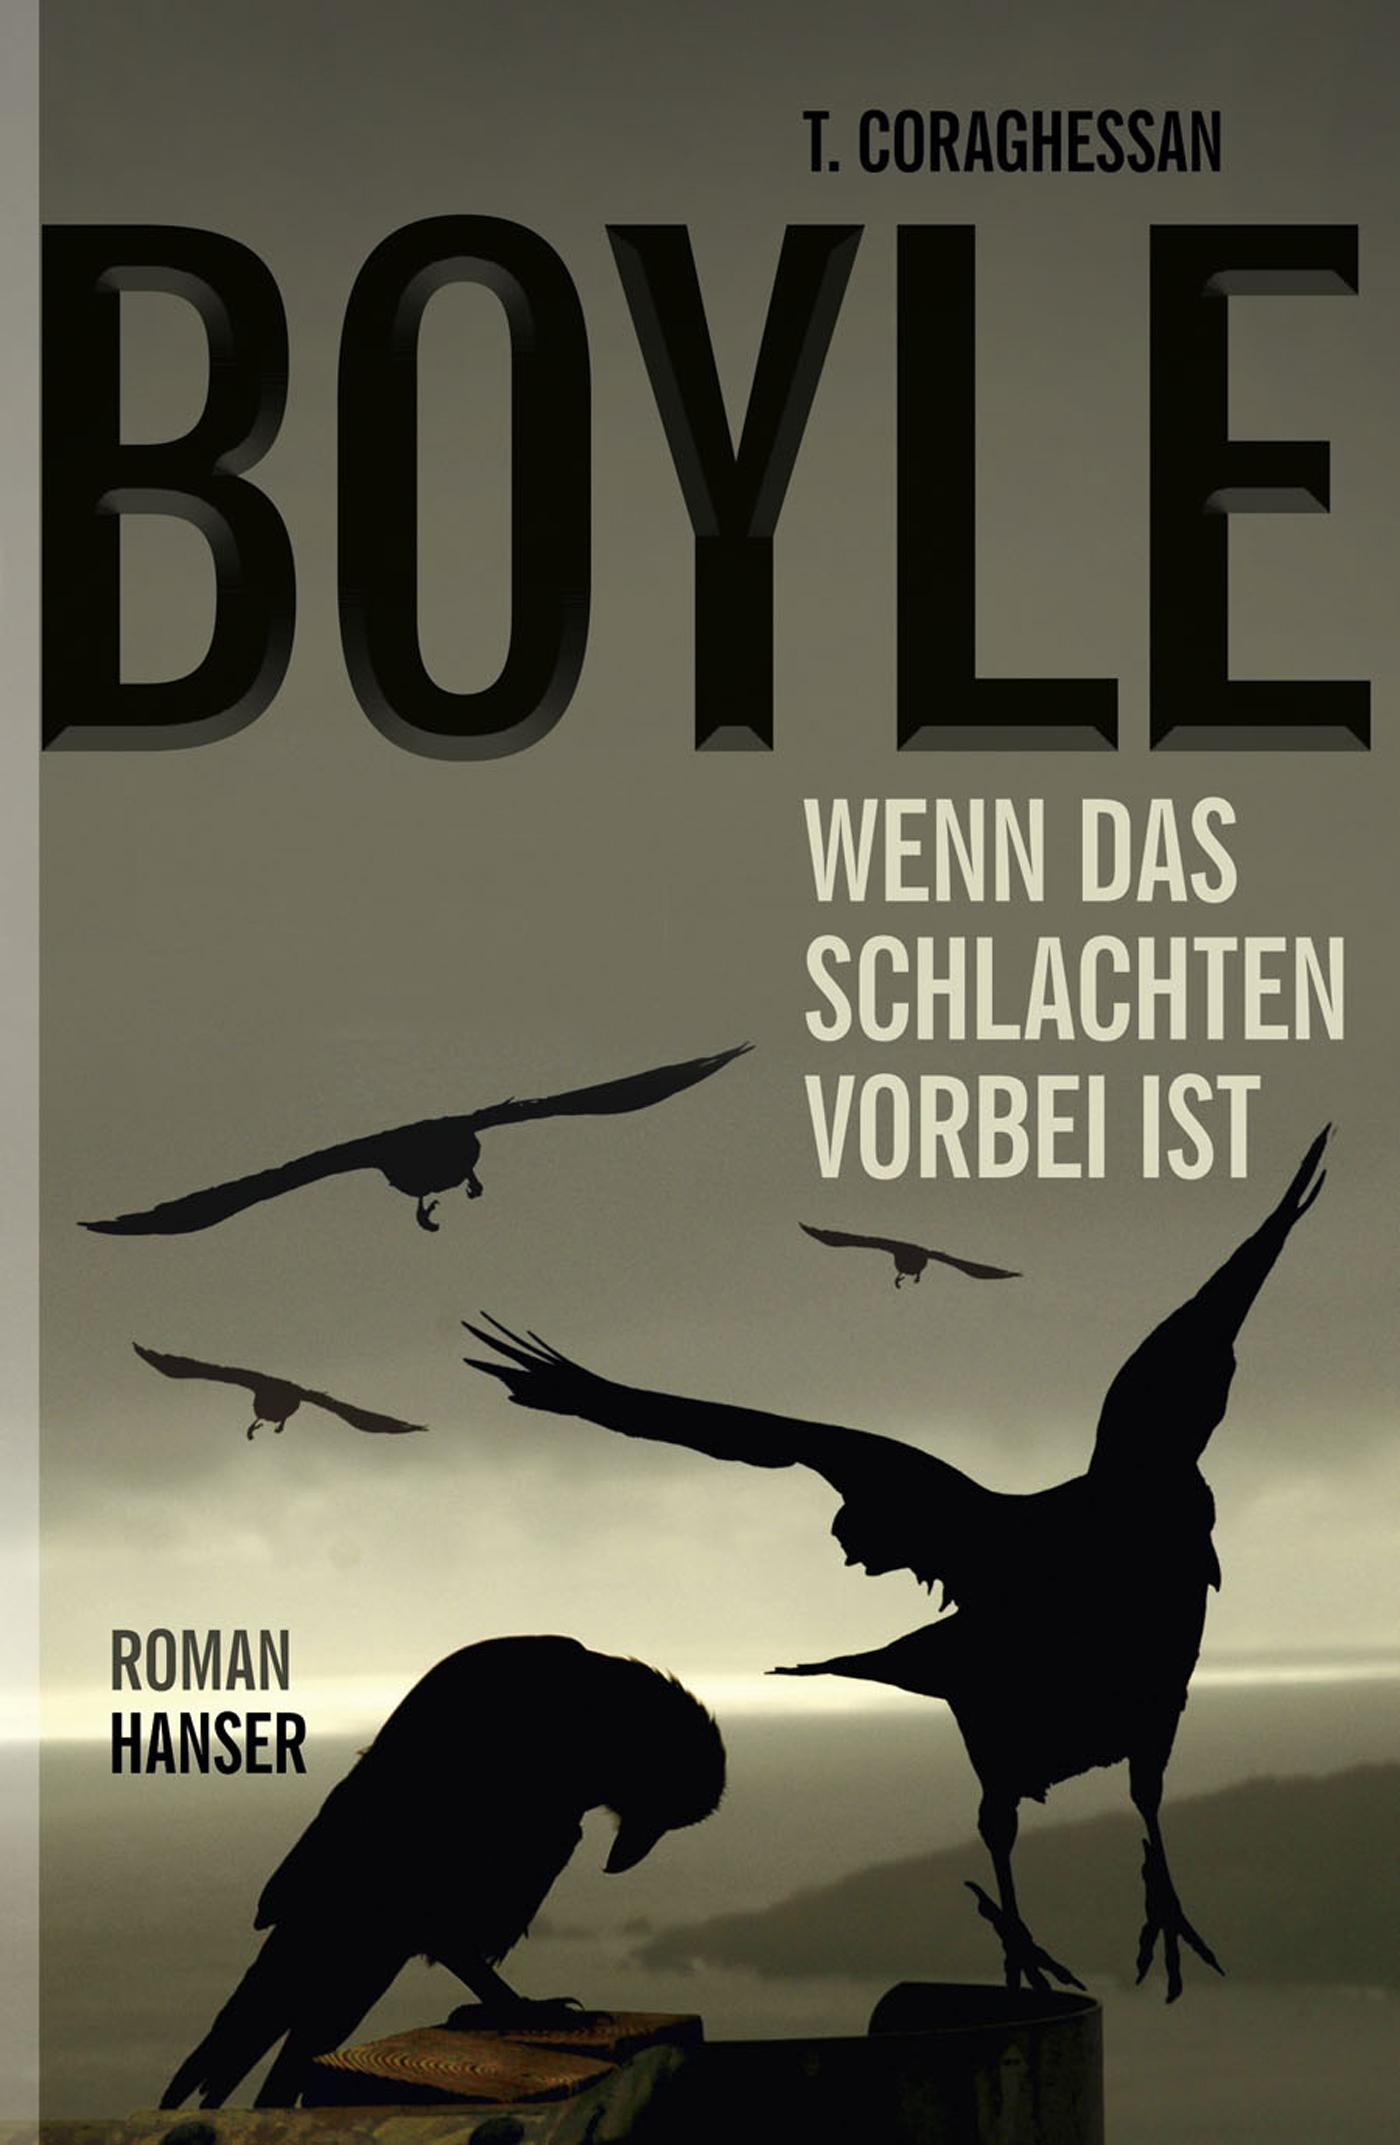 Boyle_23734_MR1.indd